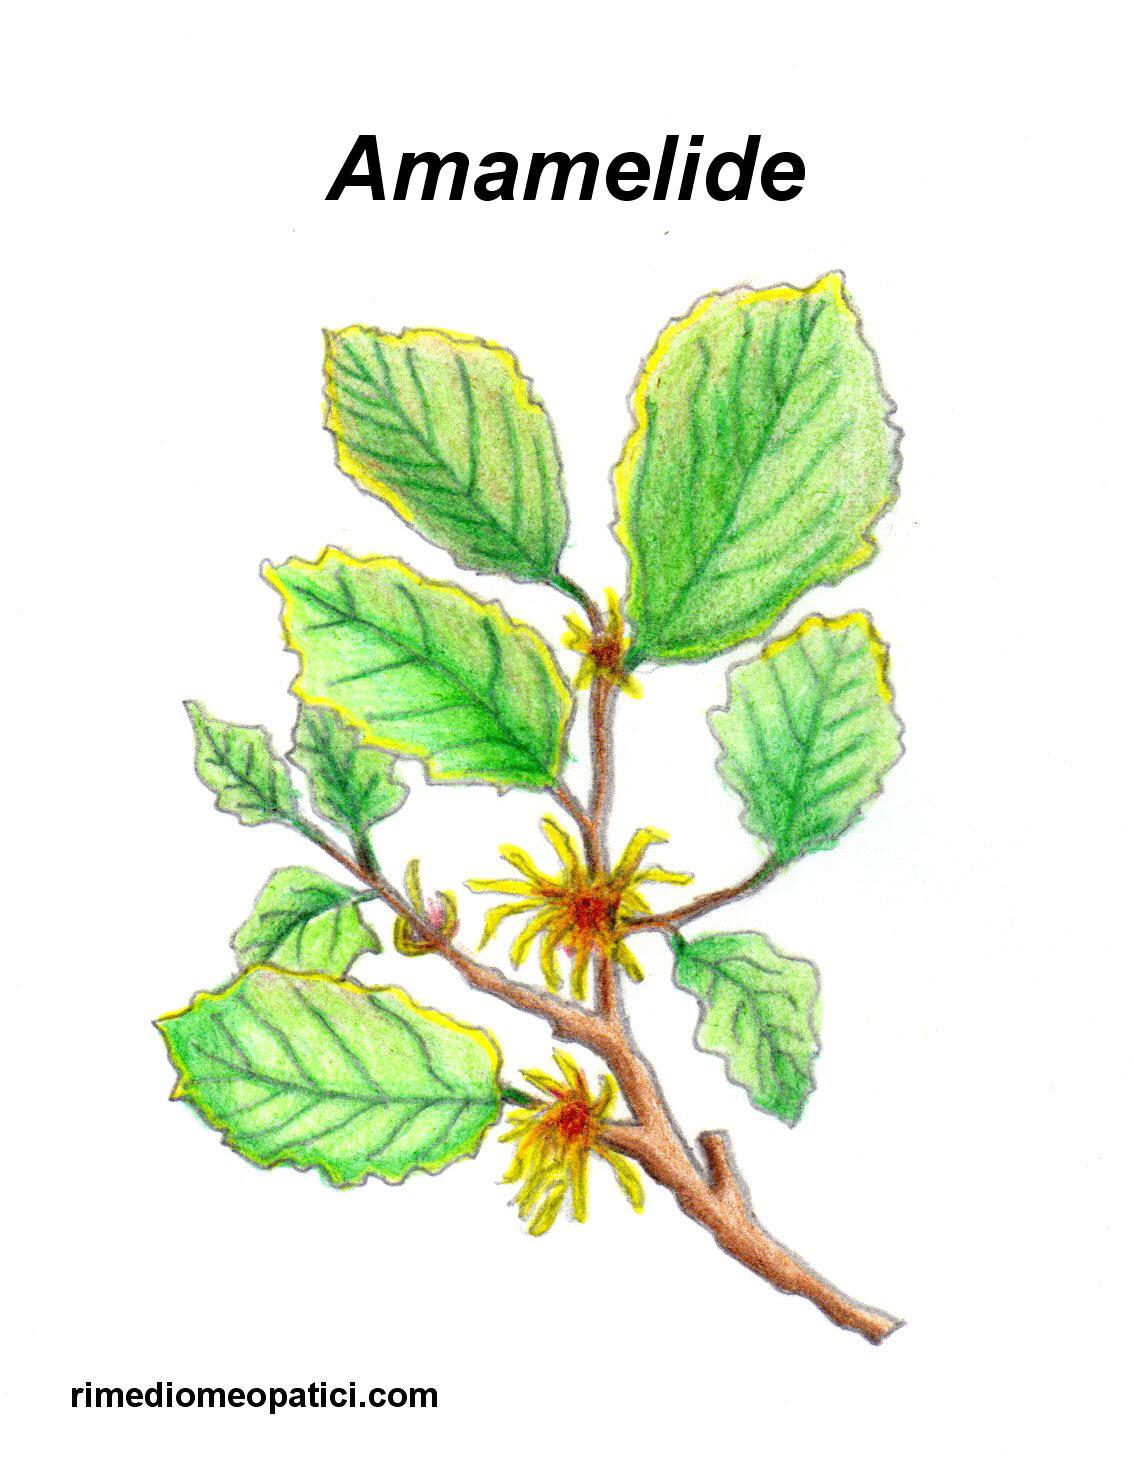 AMAMELIDE